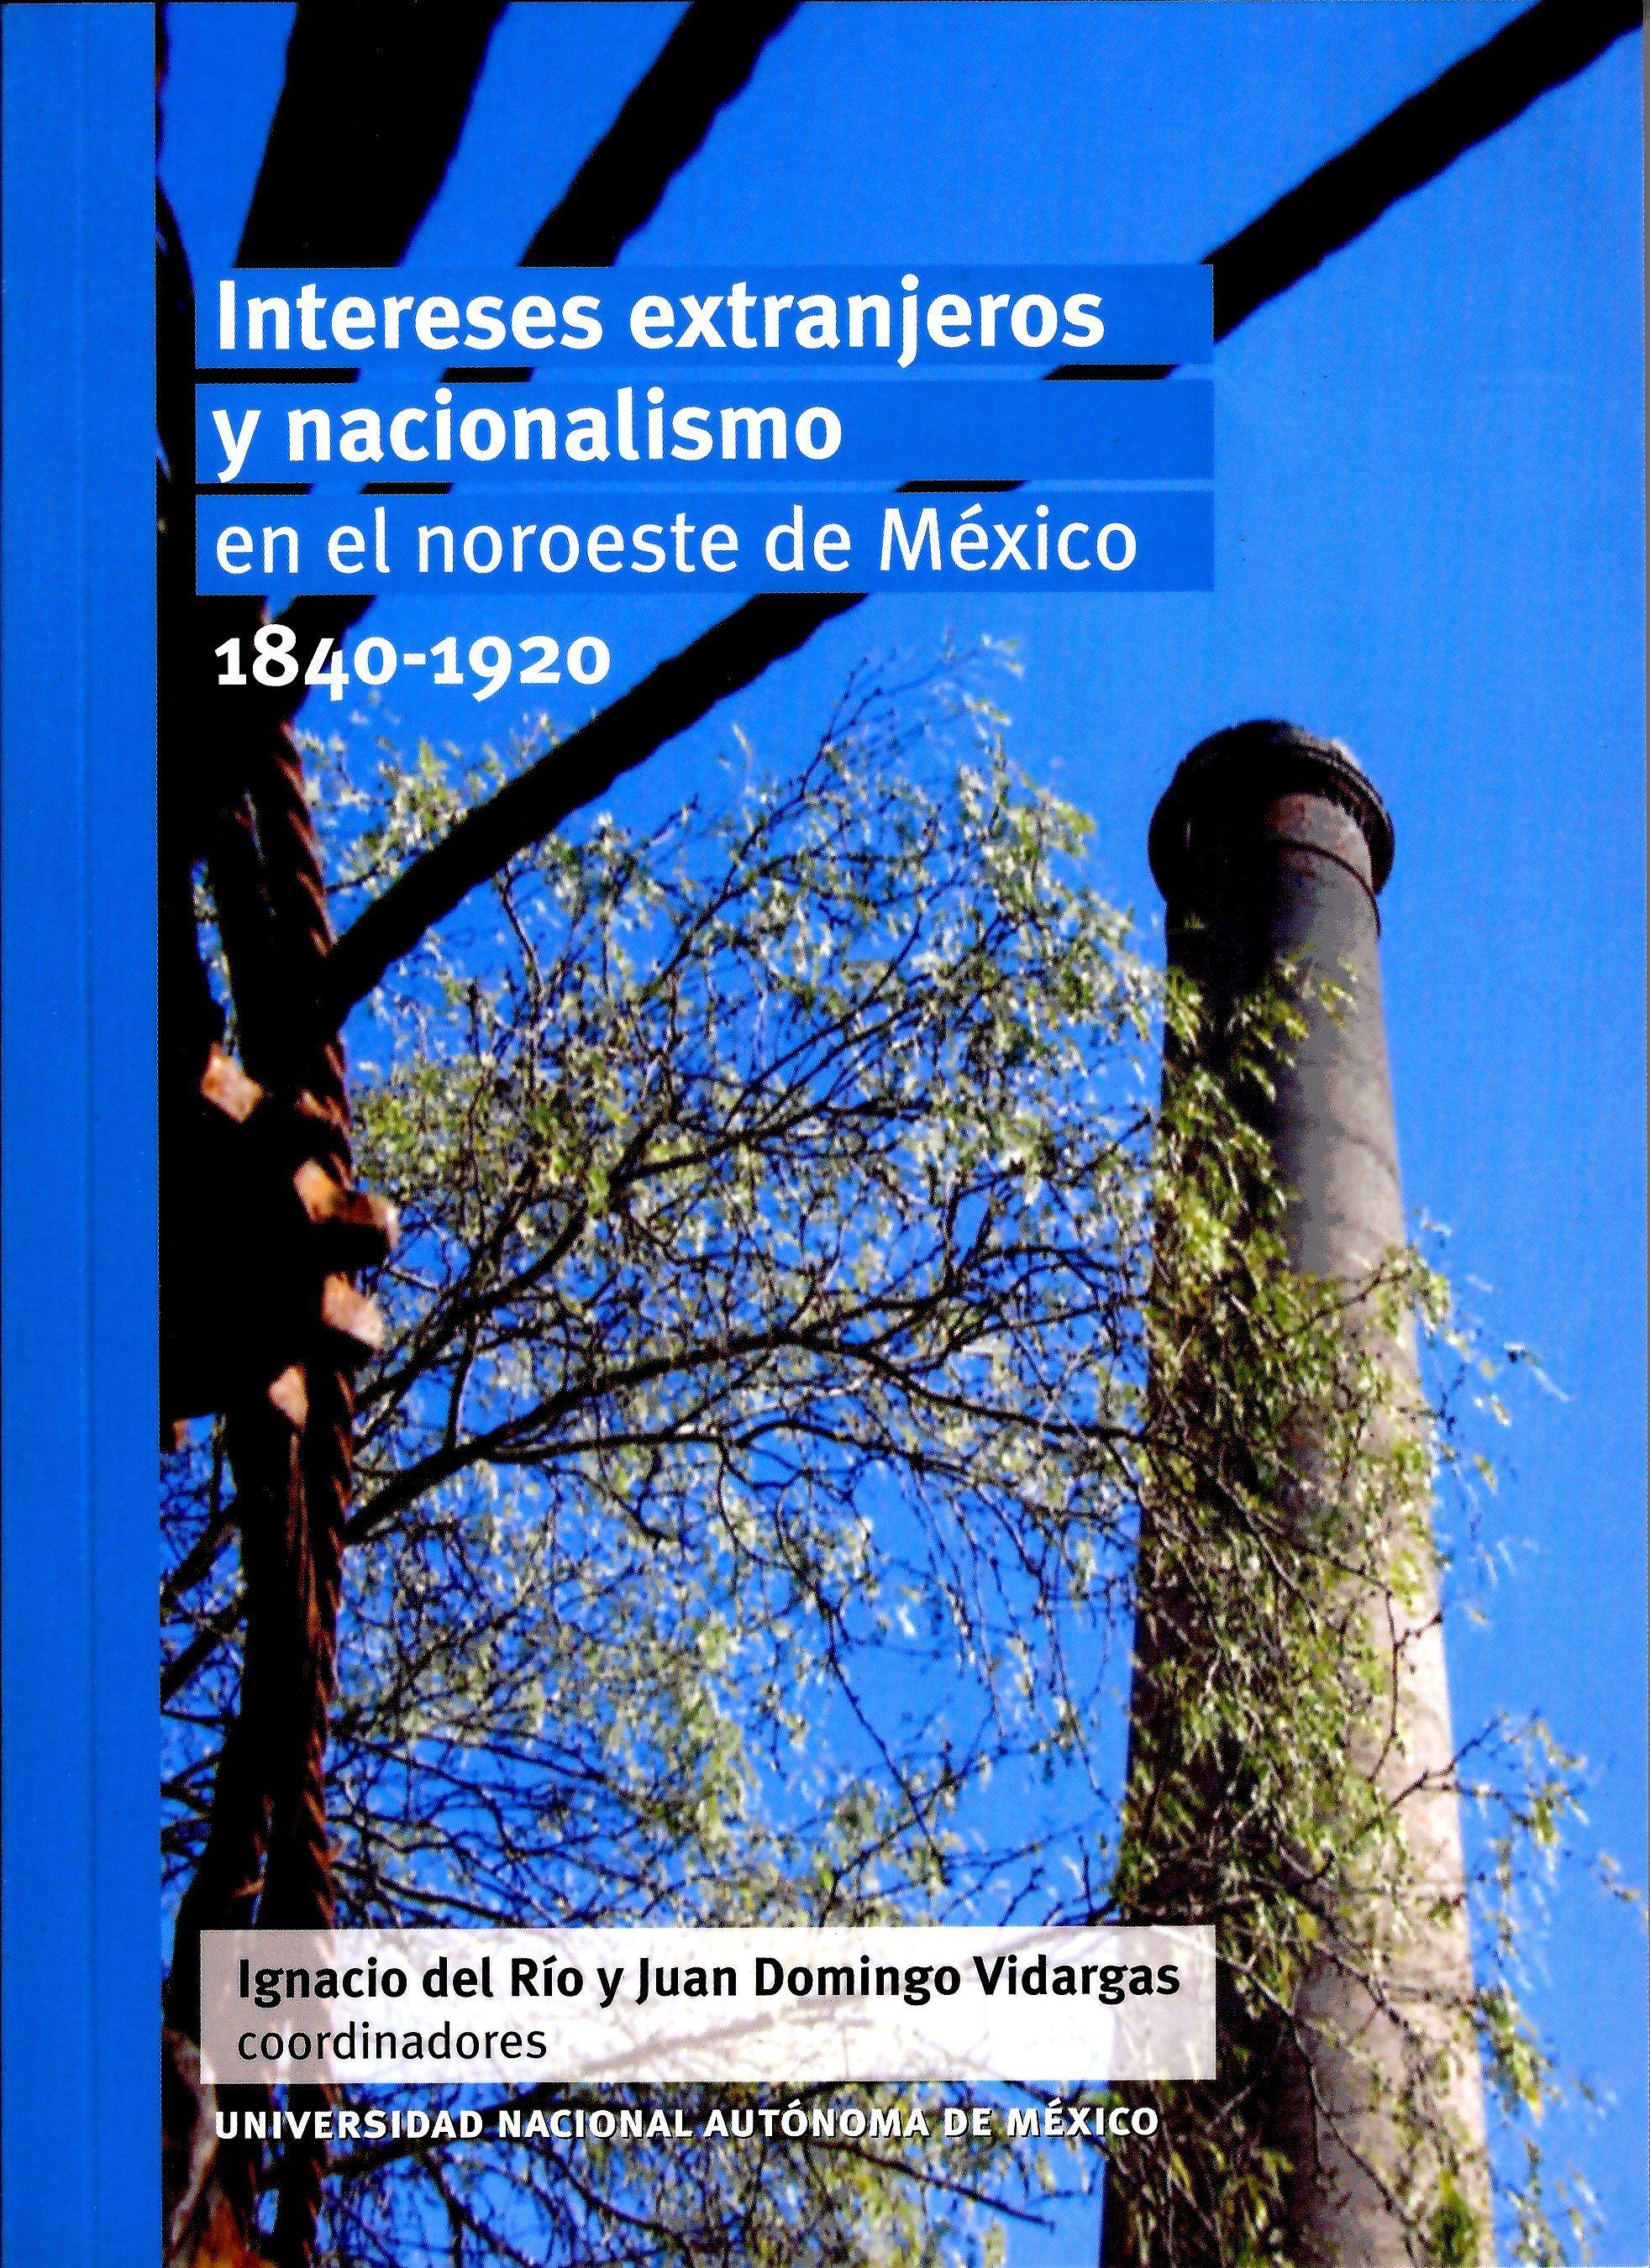 Intereses extranjeros y nacionalismo en el noroeste de México 1840-1920